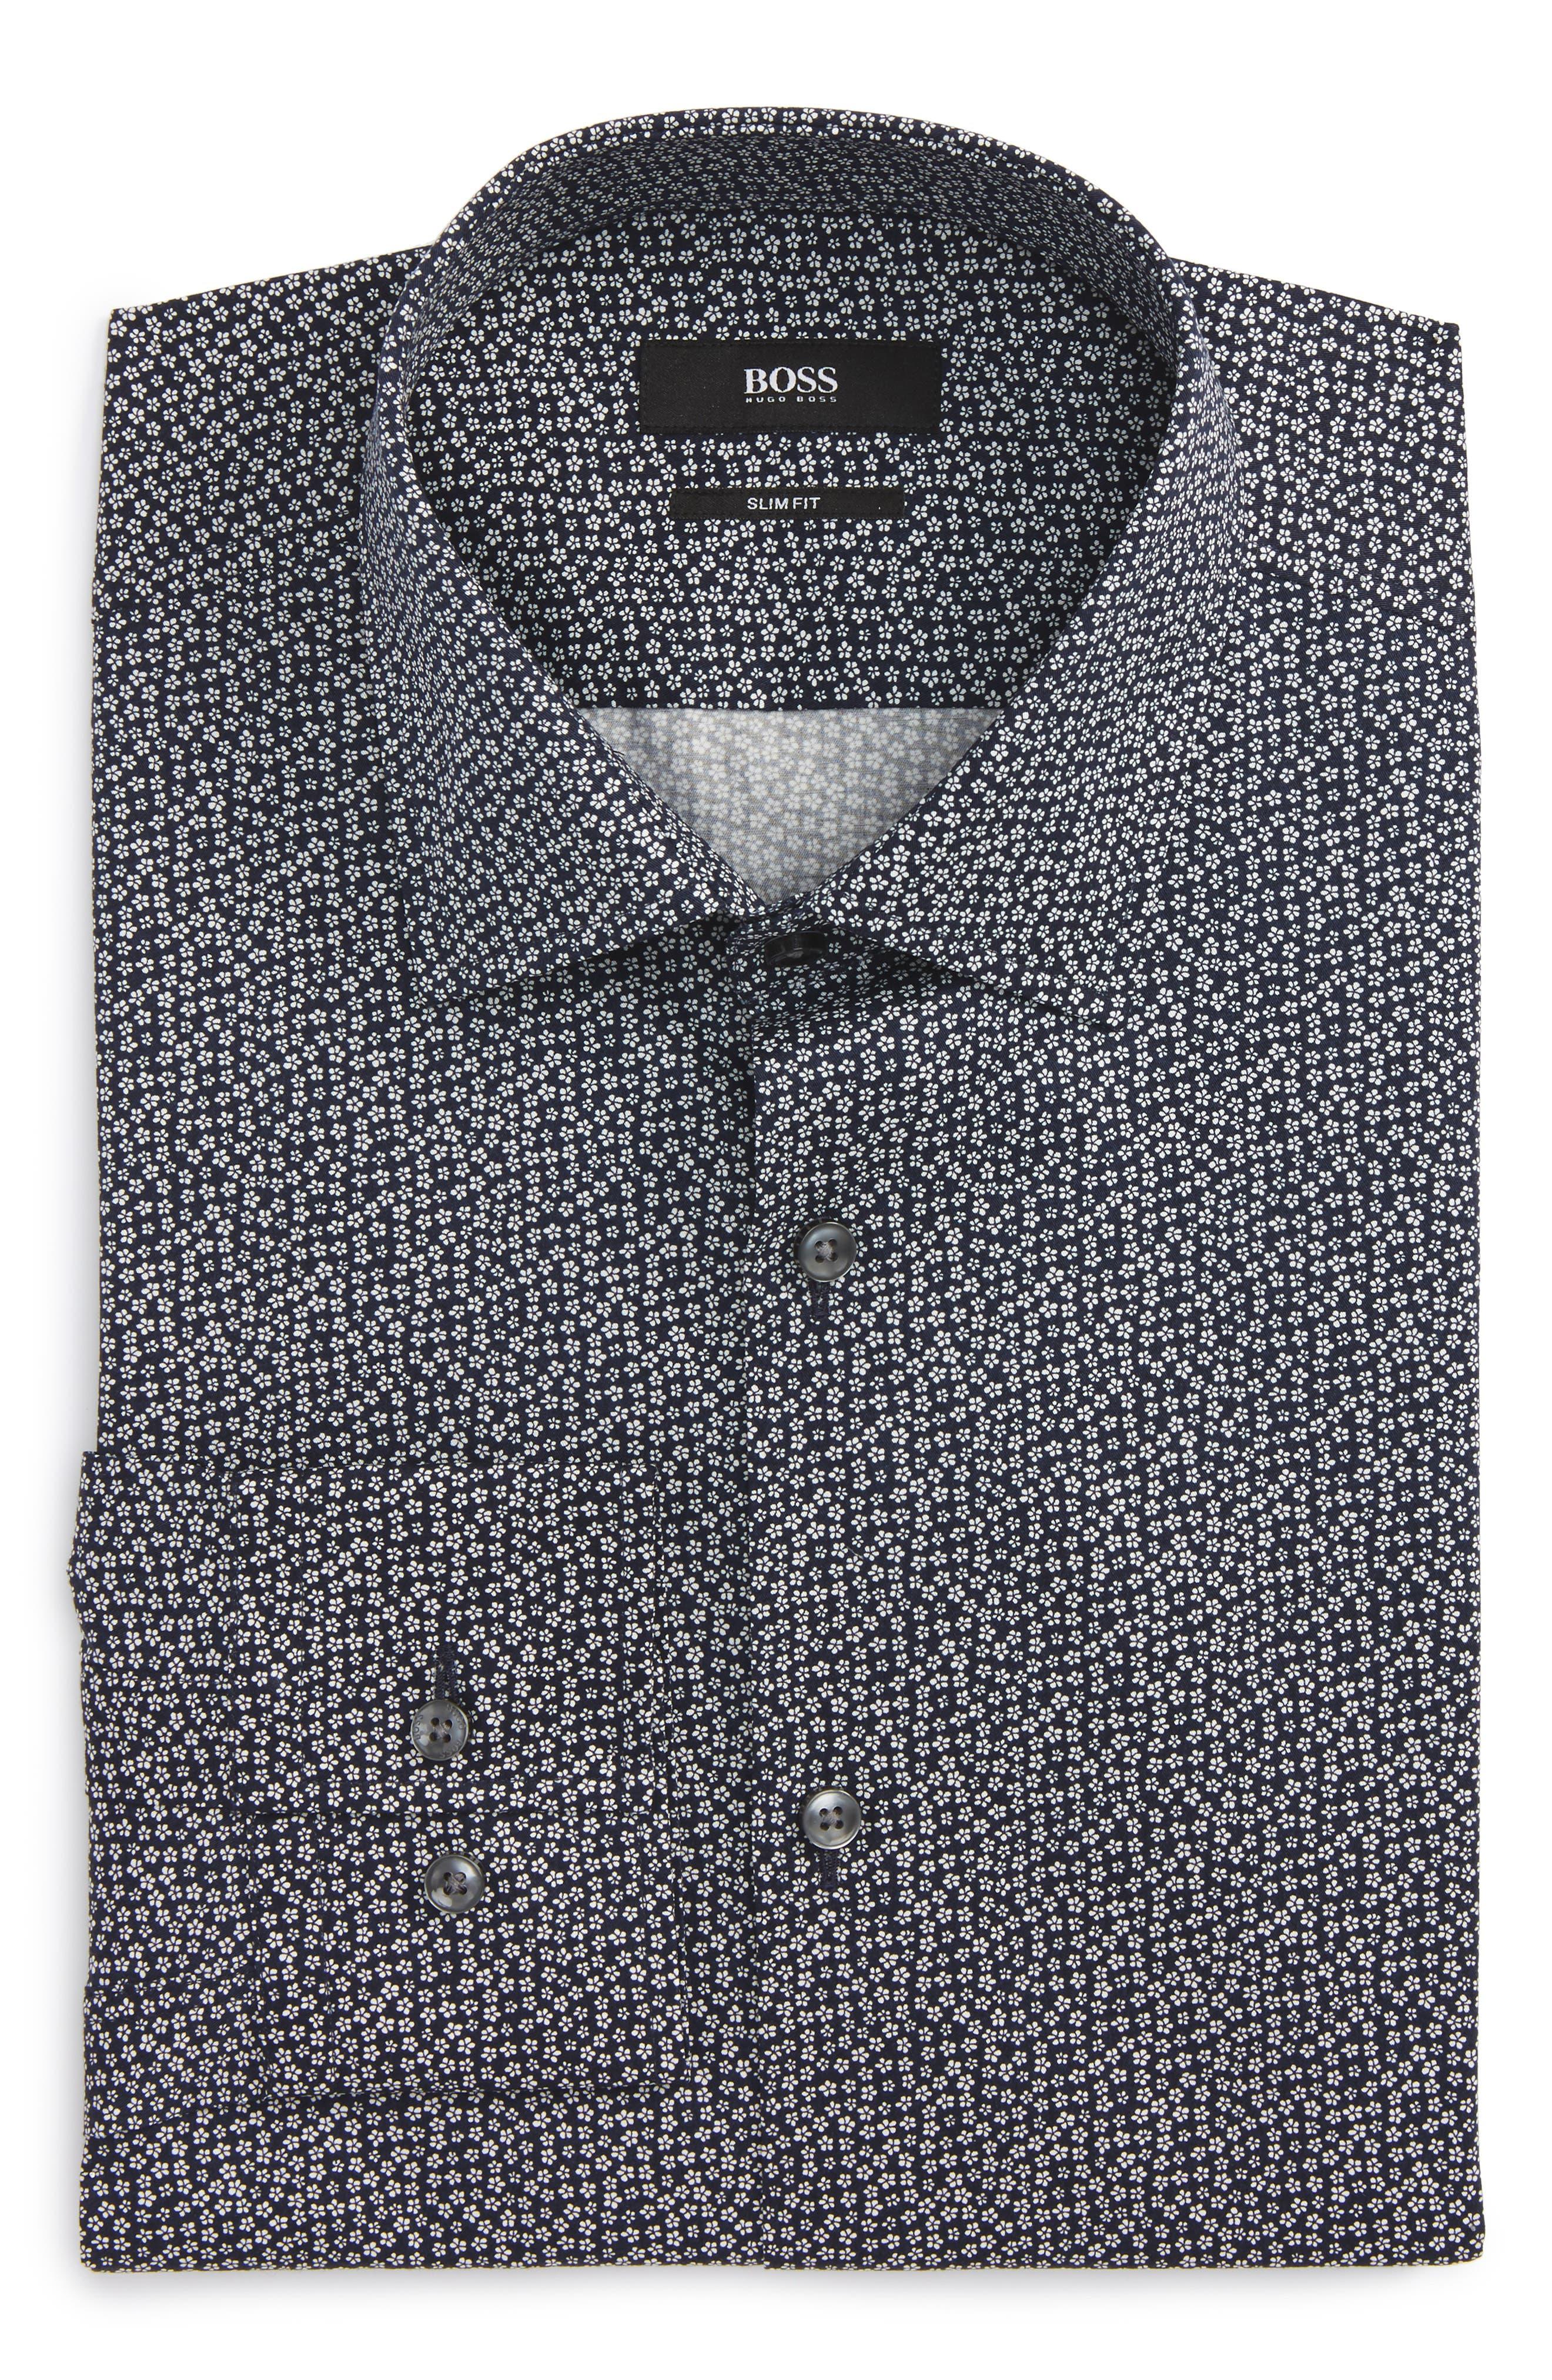 Slim Fit Floral Dress Shirt,                             Main thumbnail 1, color,                             410